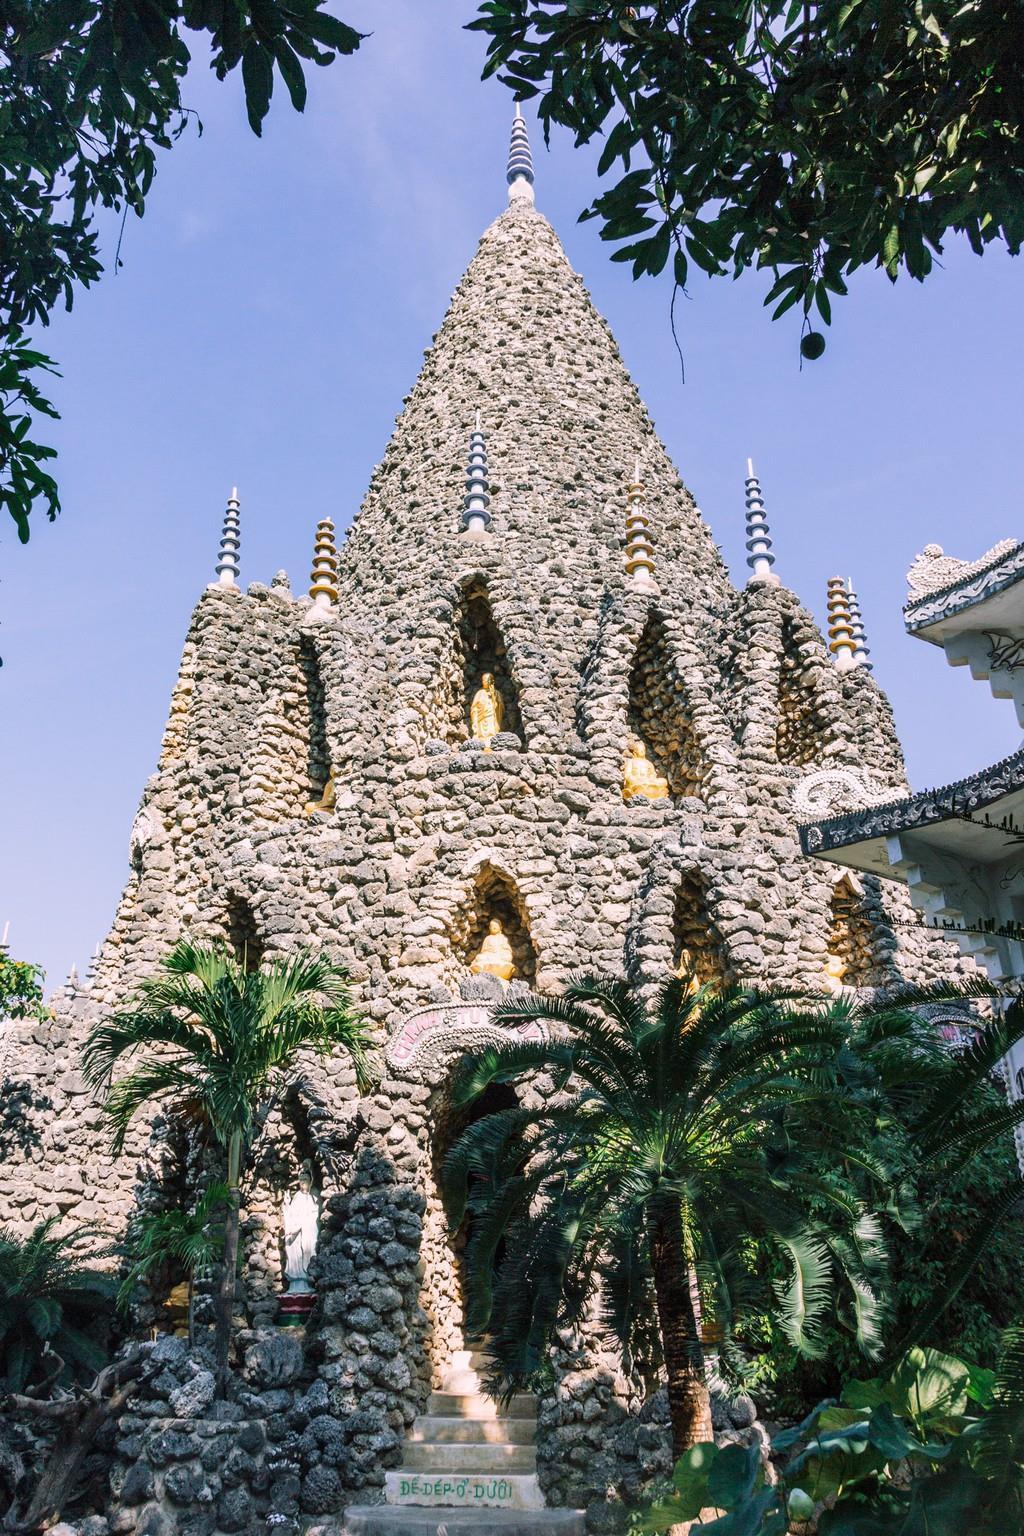 Ngôi chùa vỏ ốc ở Cam Ranh đẹp khác lạ trên báo nước ngoài Ảnh 5